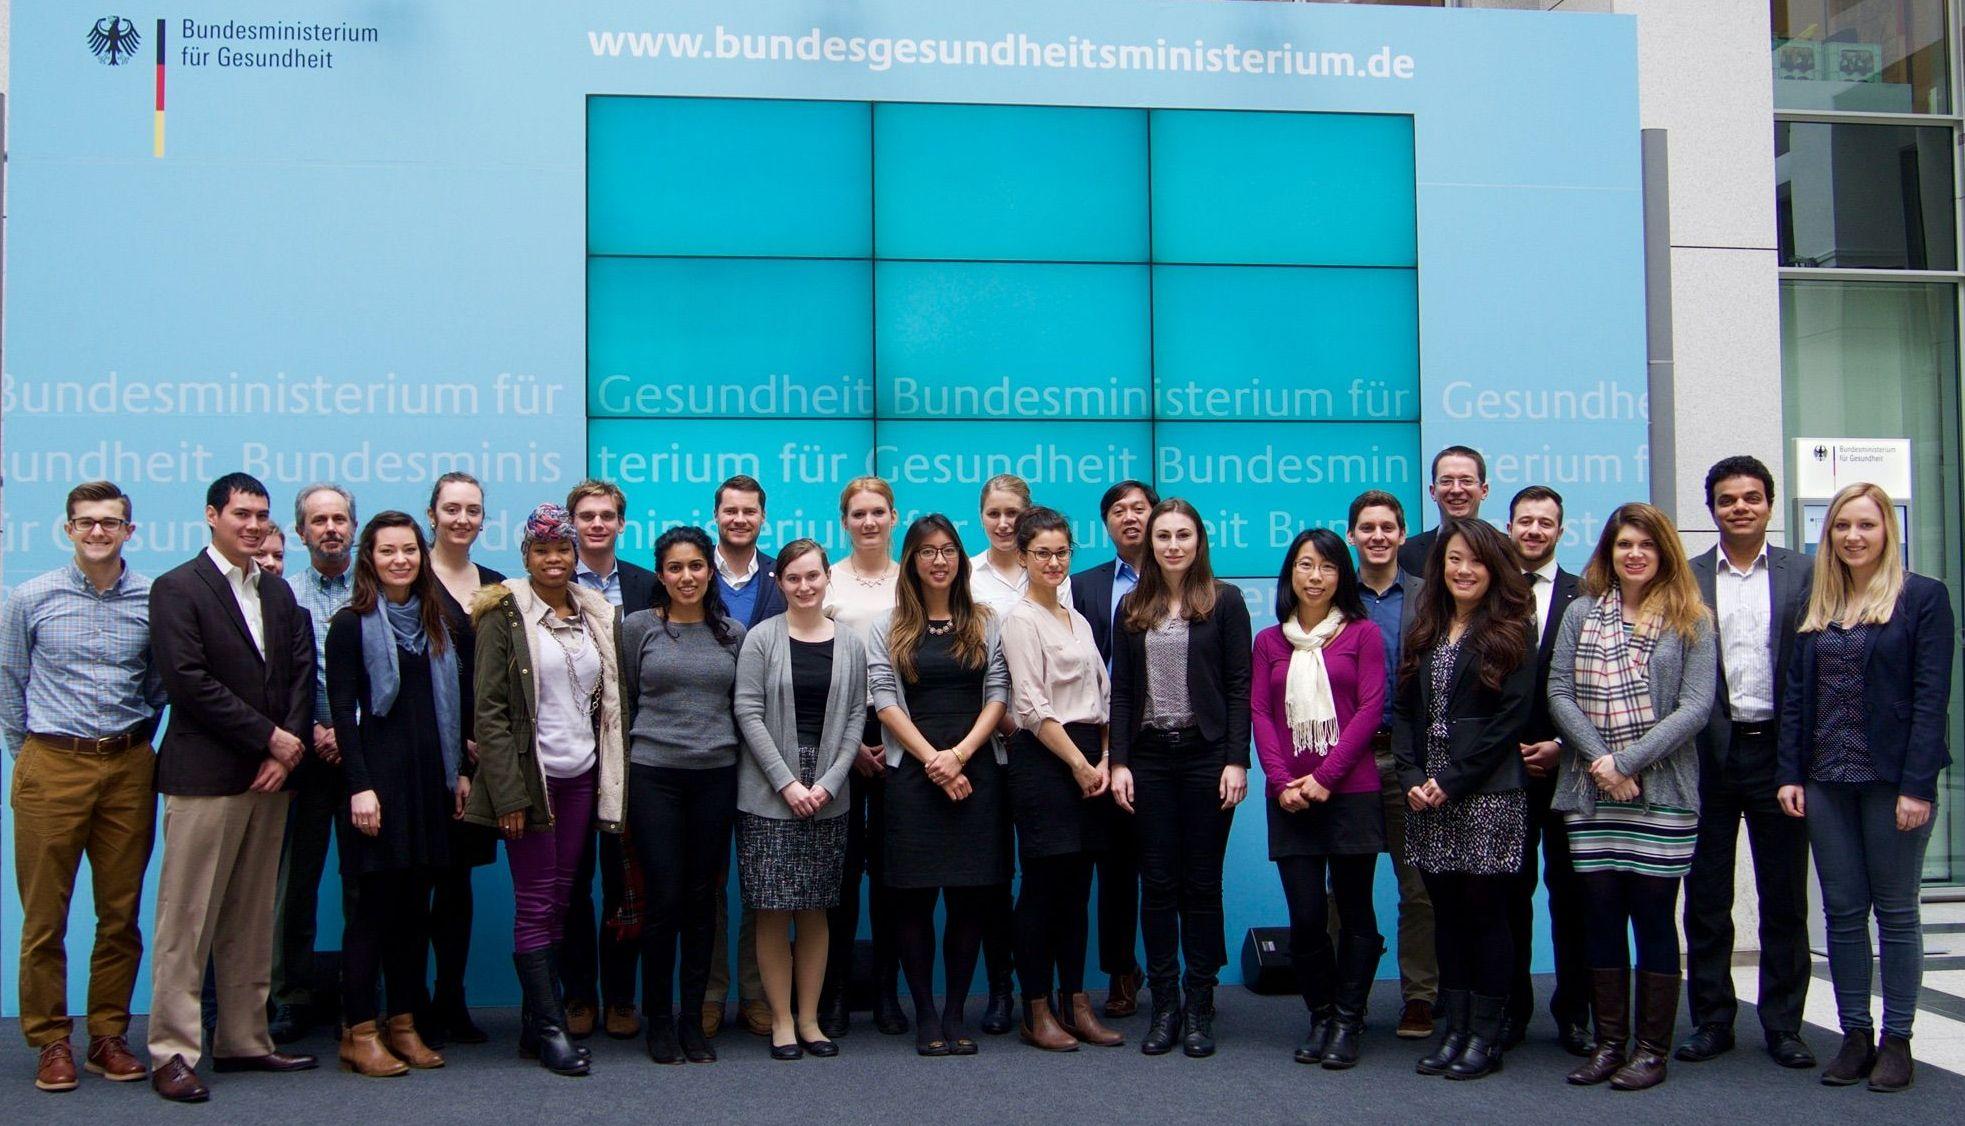 Zu Gast im Bundesministerium für Gesundheit in Berlin.